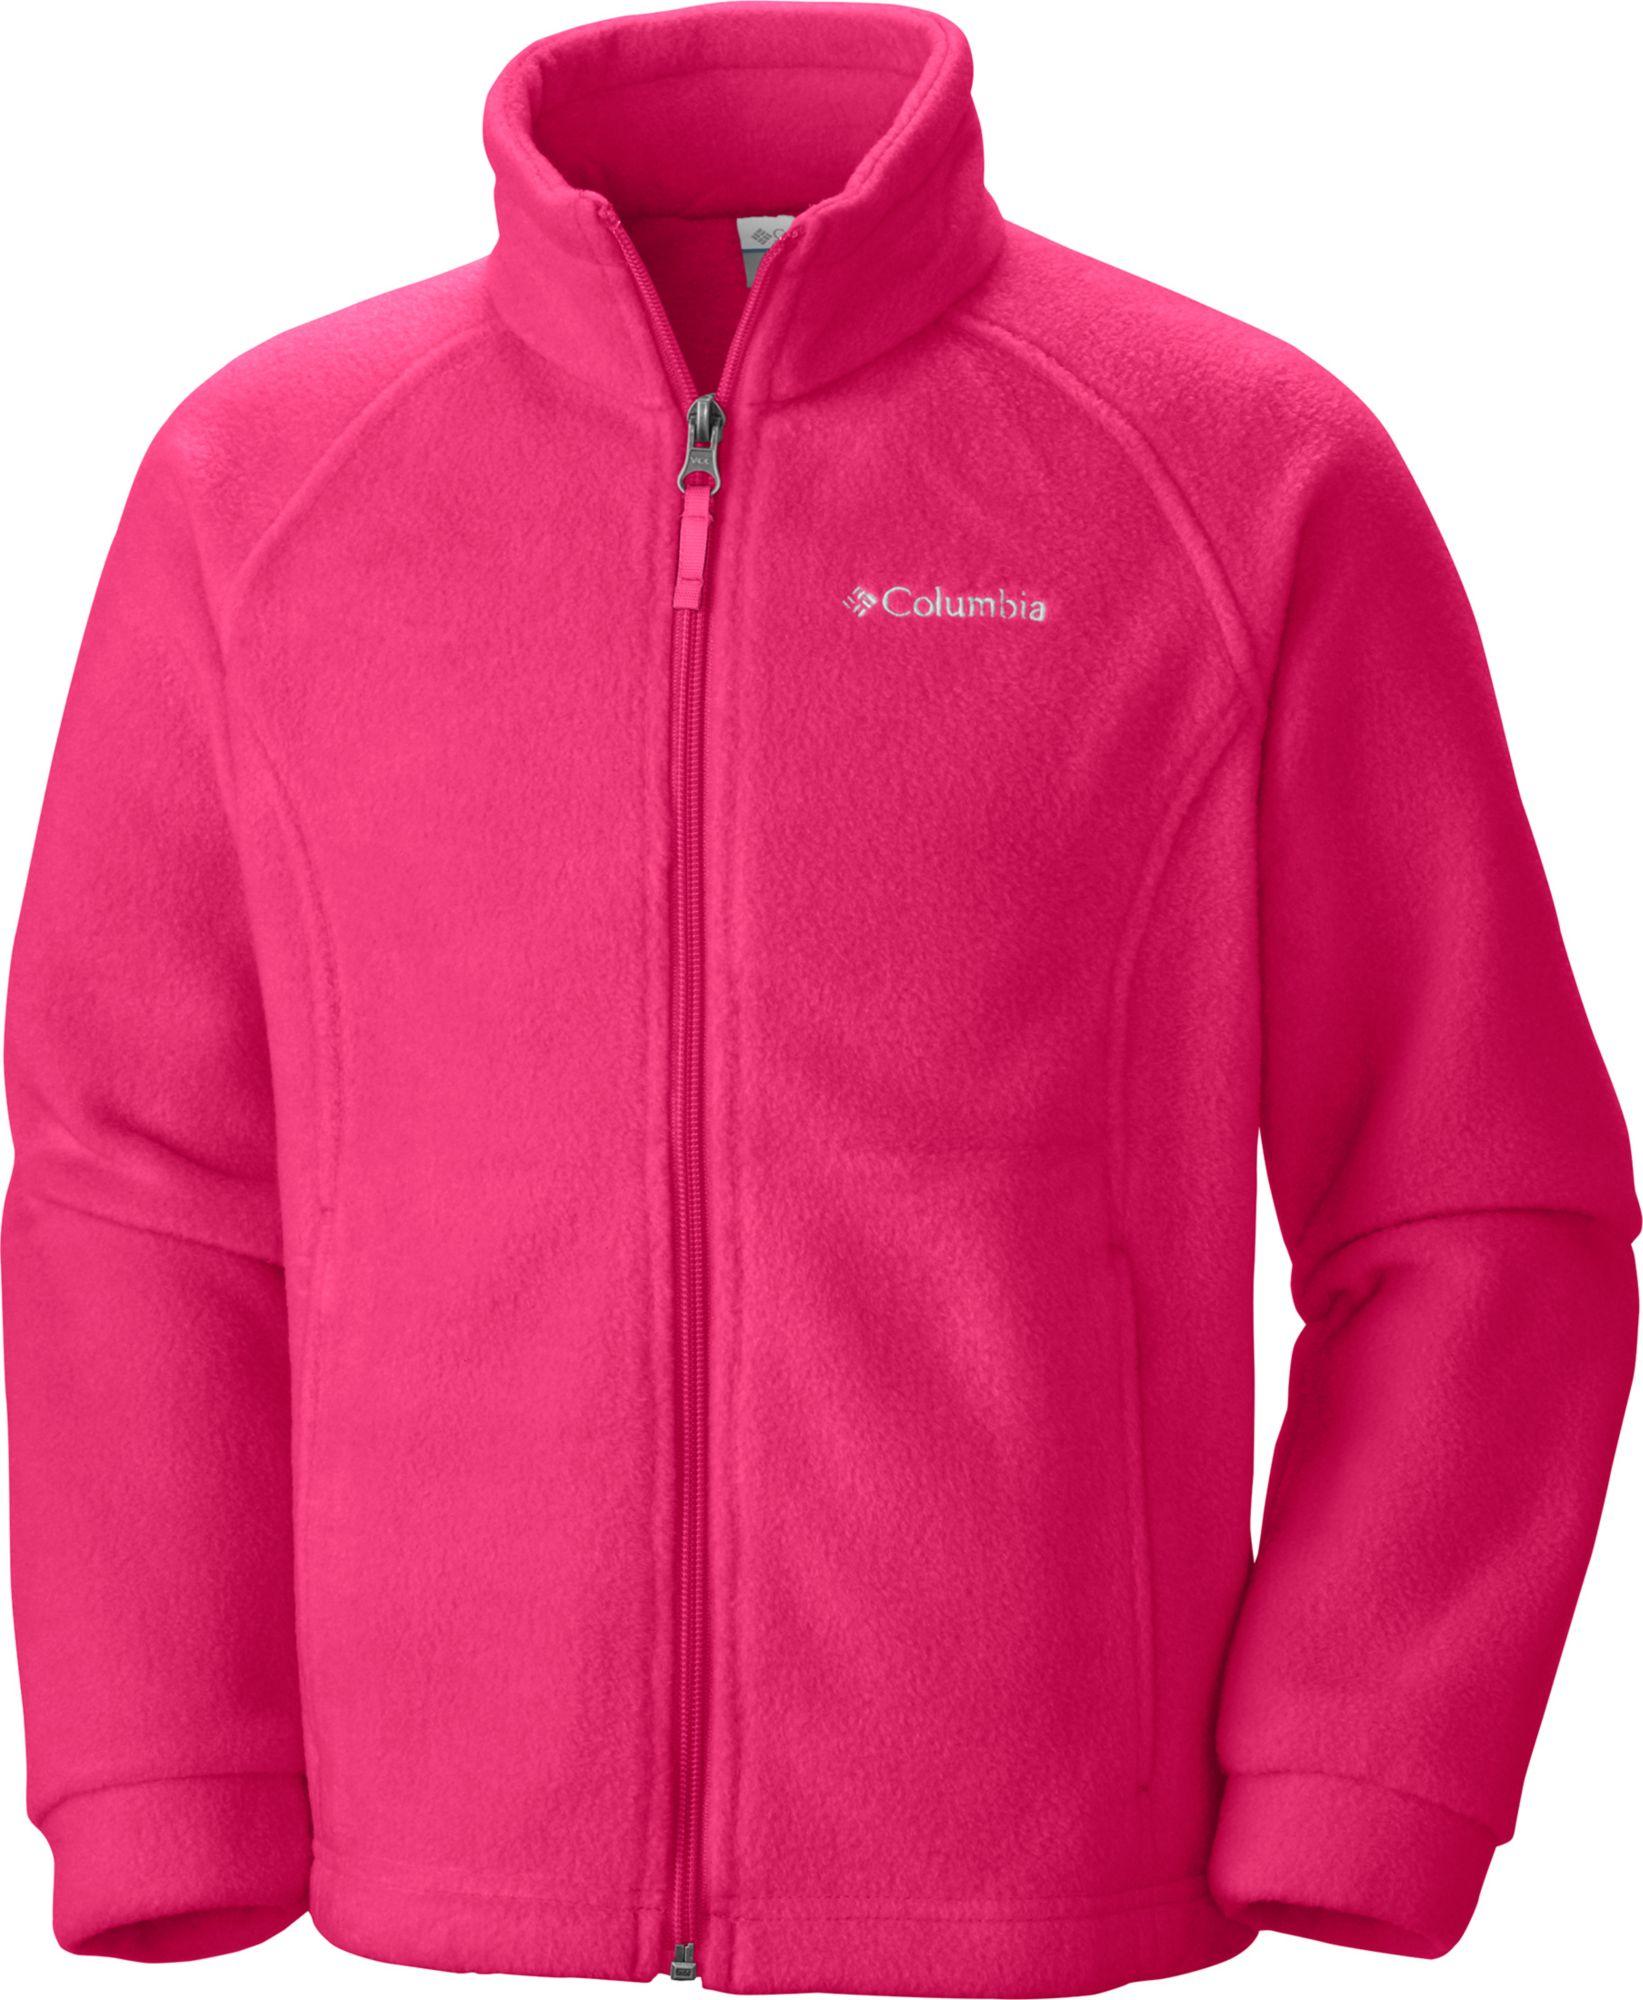 jackets for girls noimagefound ??? WFUBZTX